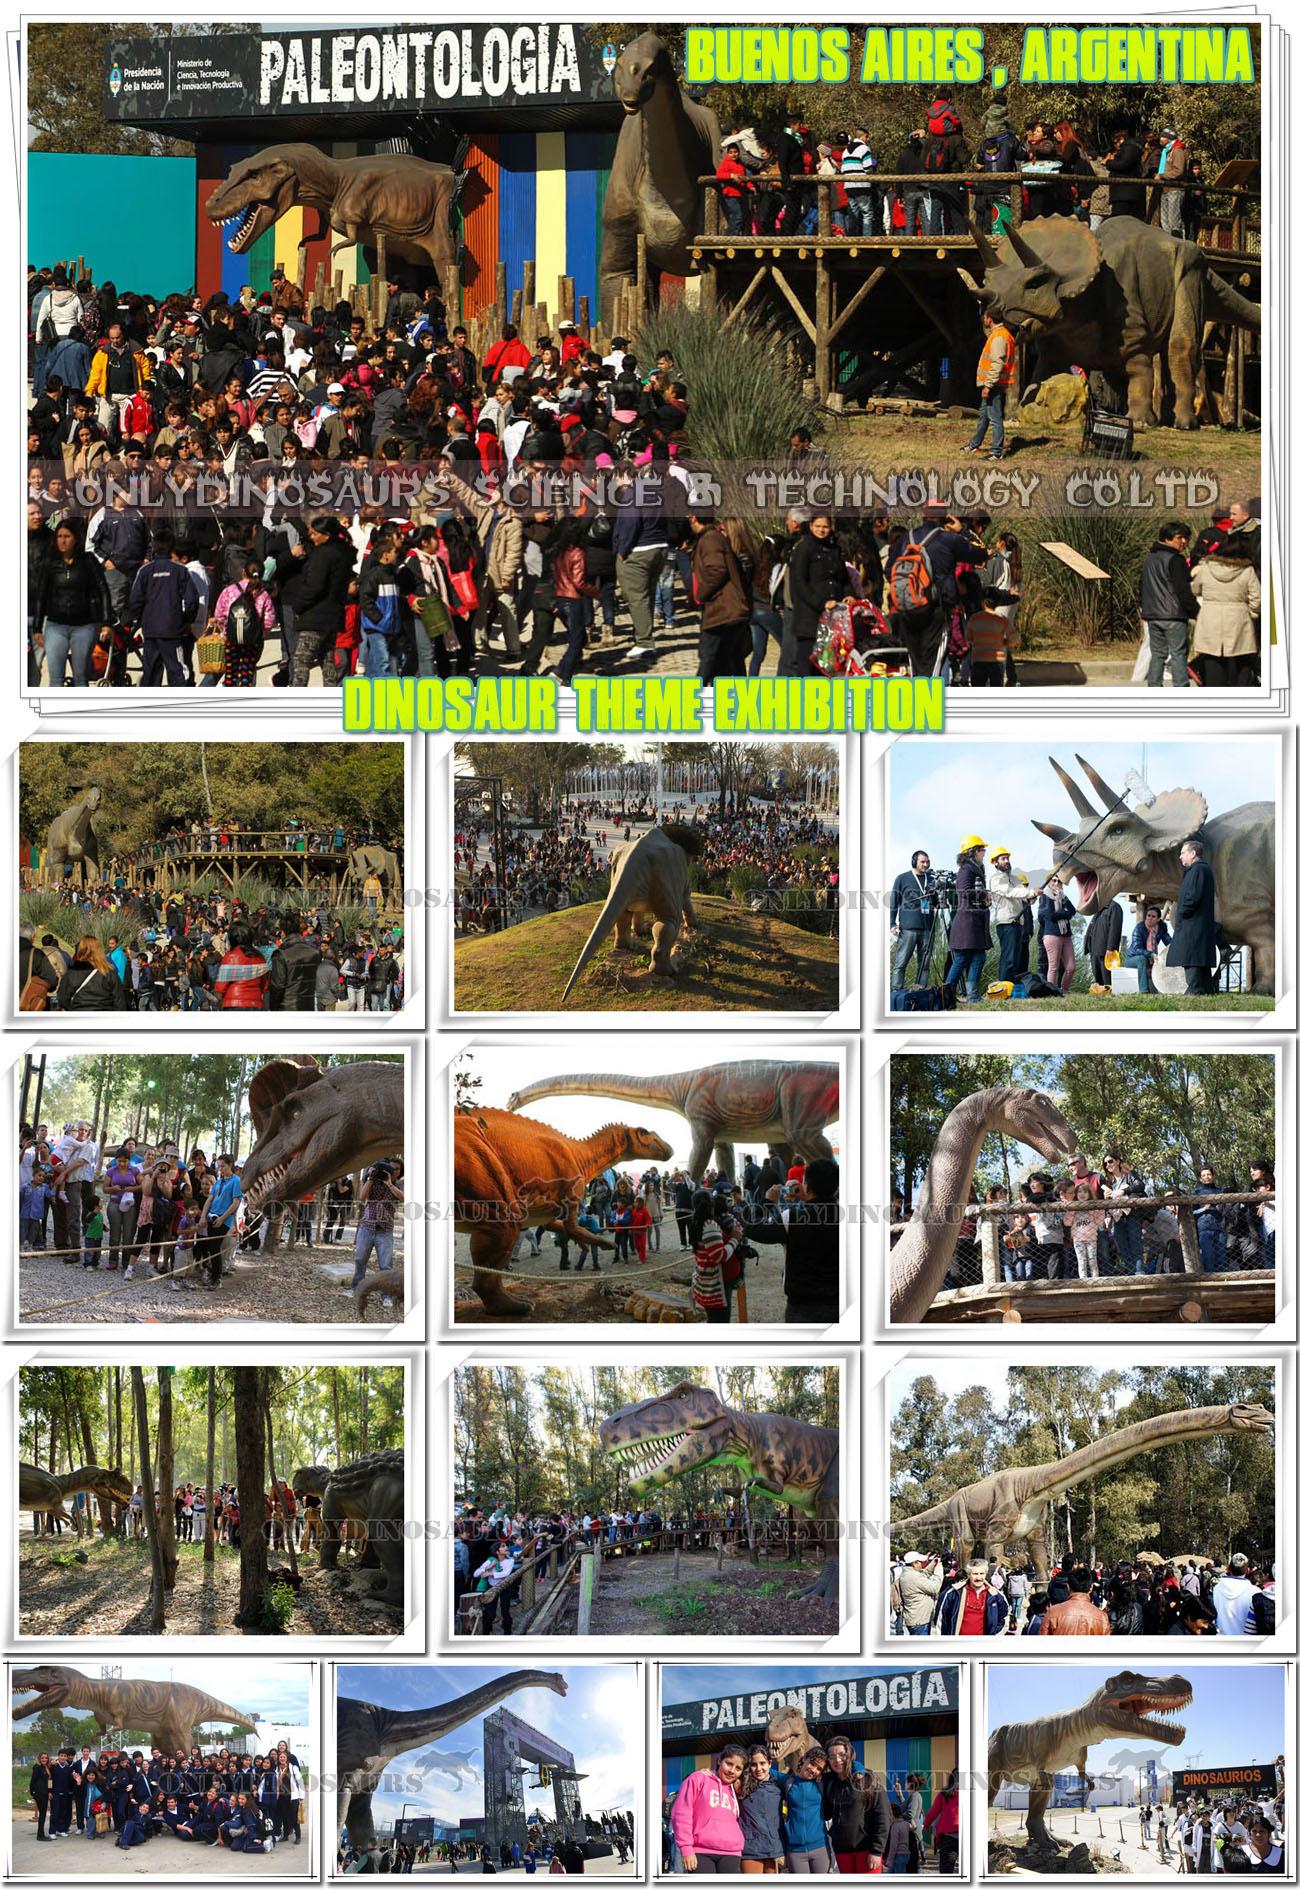 Dinosaur Exhibition in Argentina